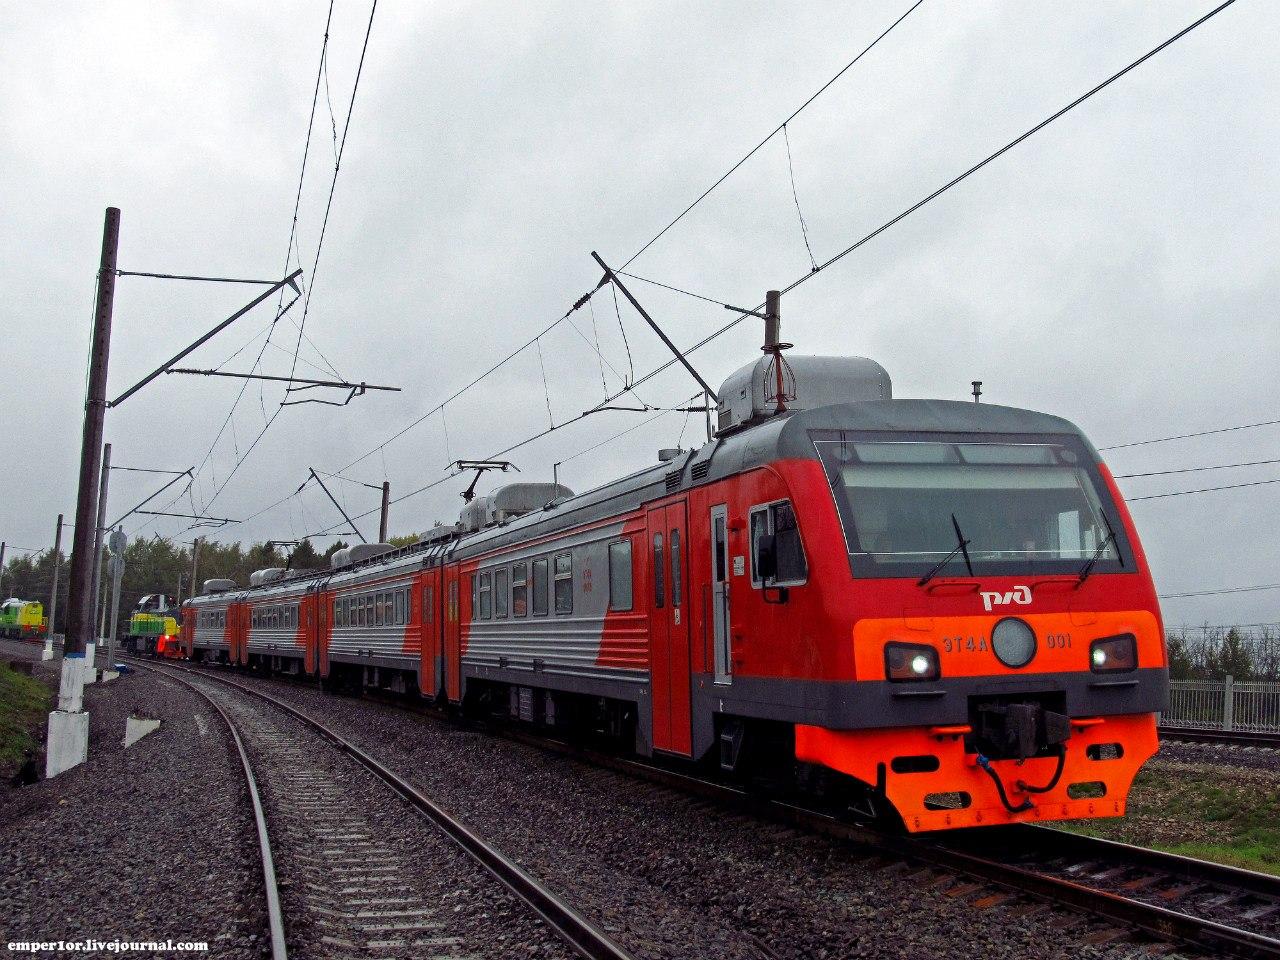 Электропоезд ЭТ4А. KIVsVfHraRs